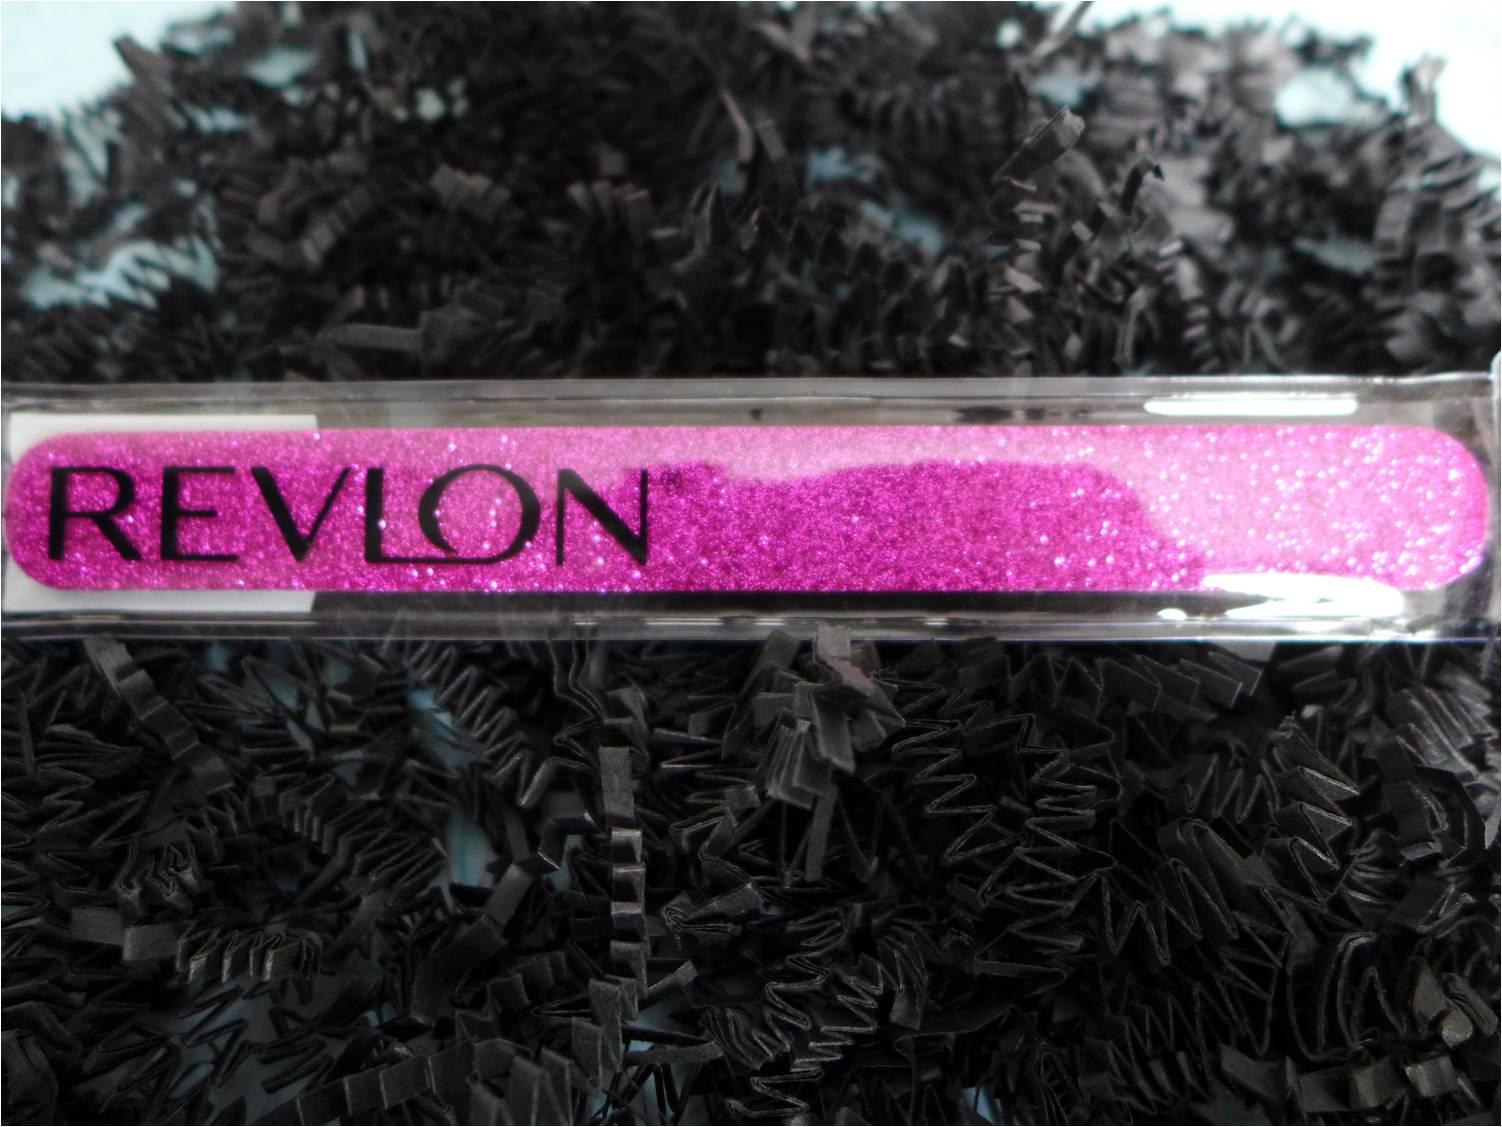 Revlon Selects Review | Argenplath.com